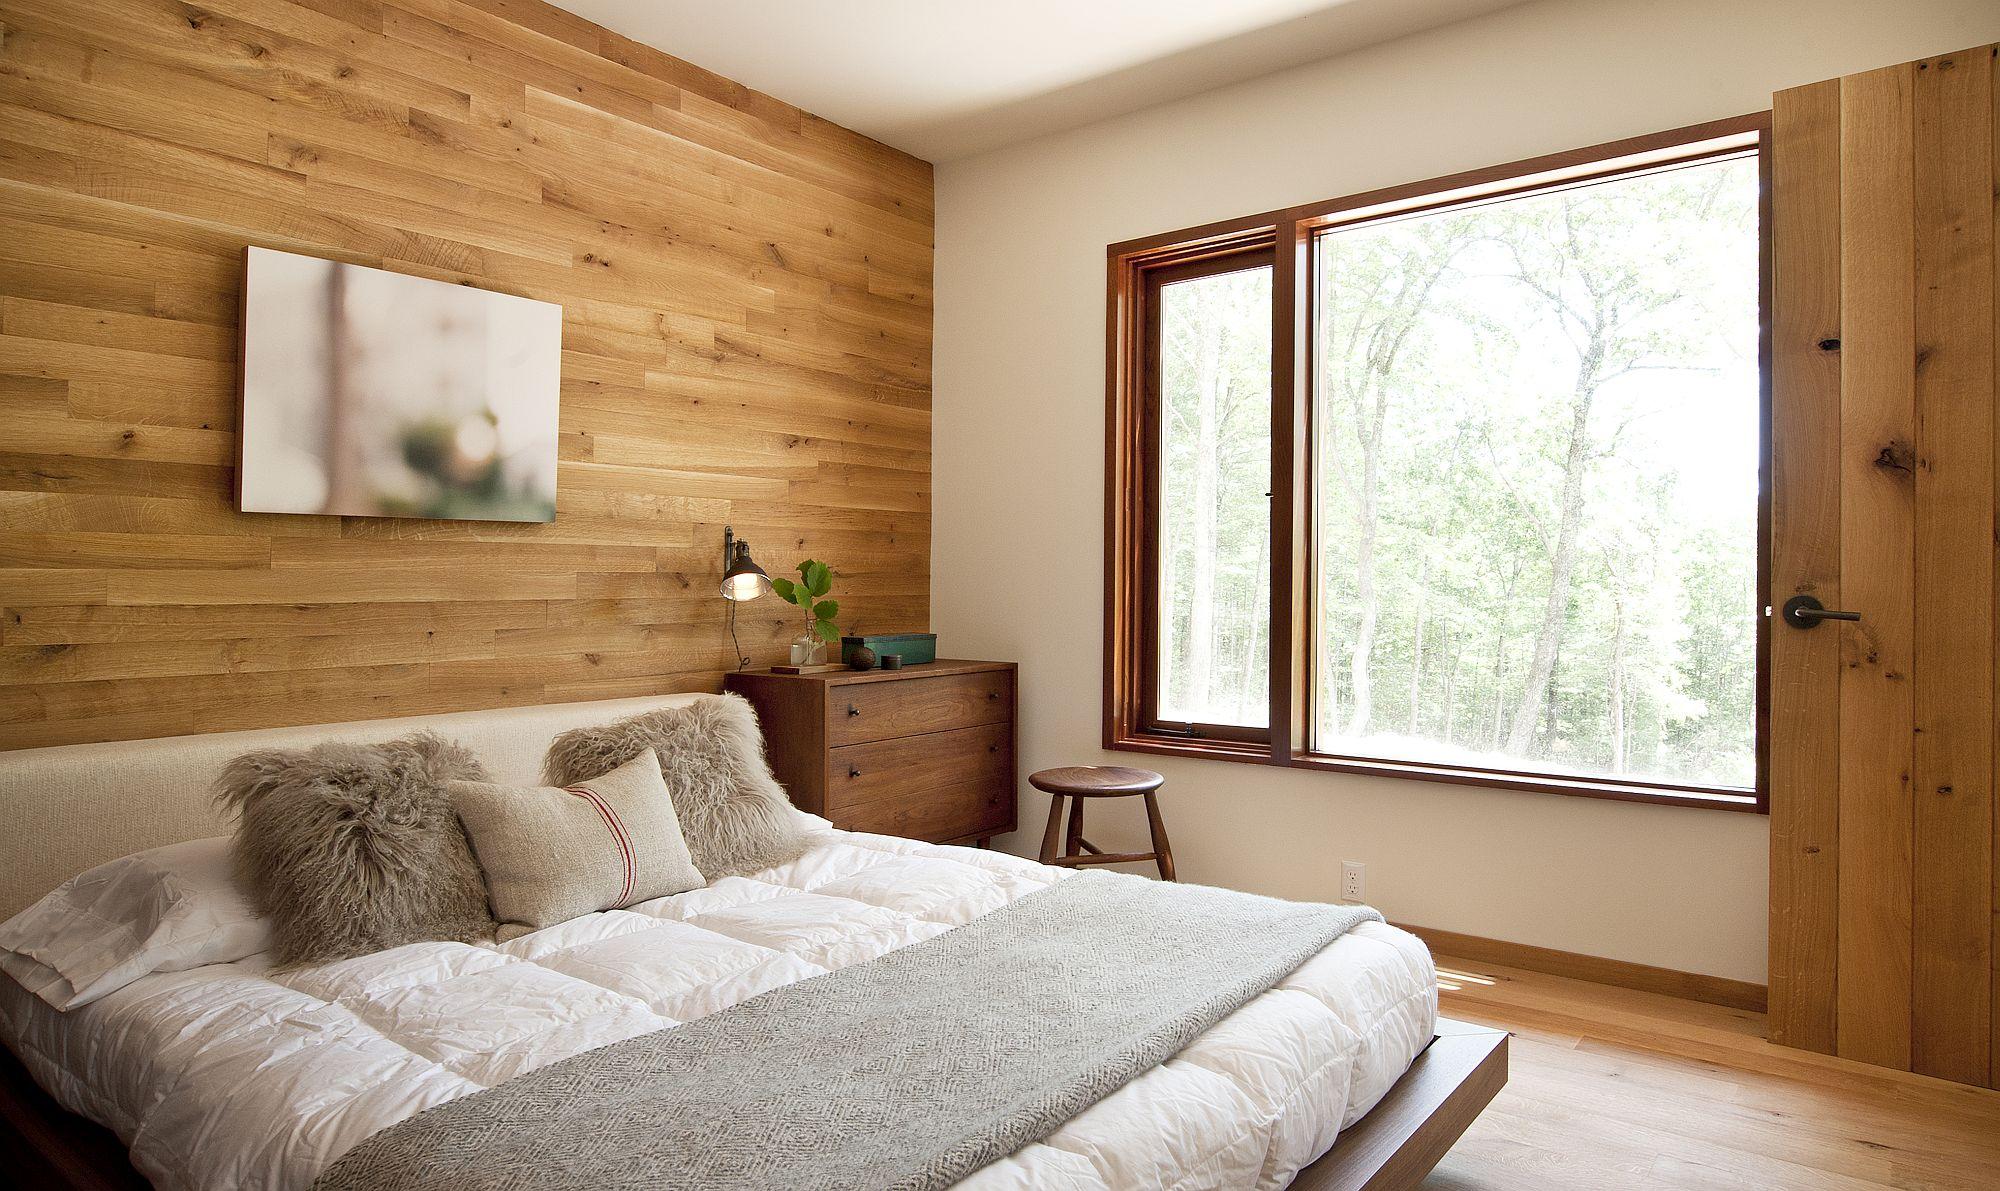 Comfy-bedroom-with-headboard-wall-in-wood